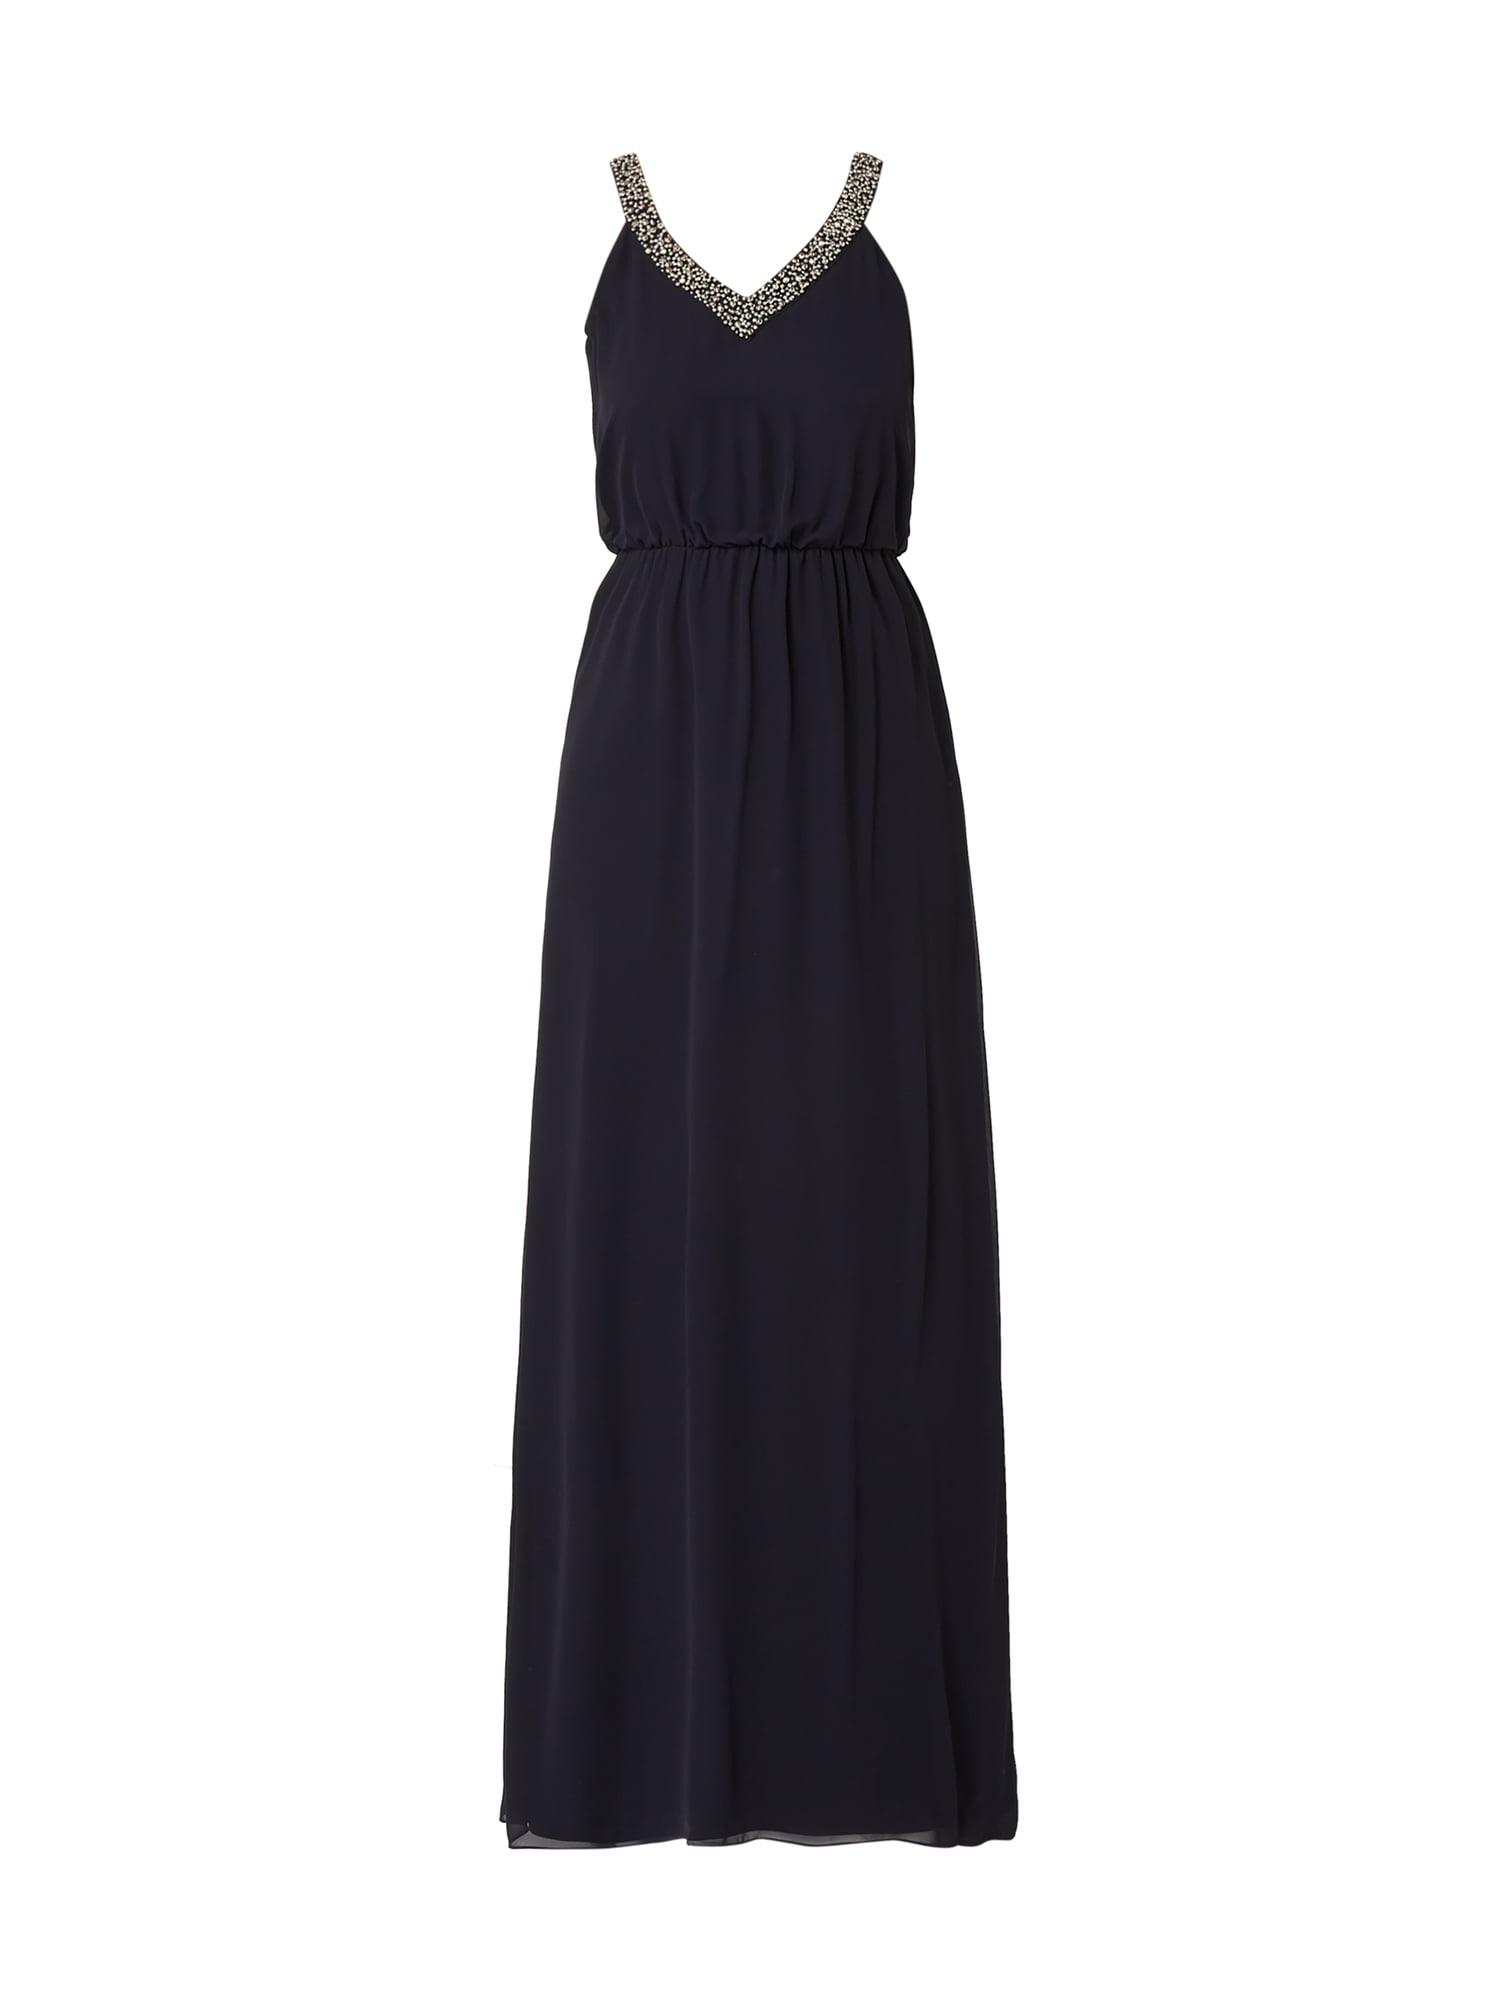 10 Coolste Jakes Abendkleid Blau BoutiqueDesigner Wunderbar Jakes Abendkleid Blau Design